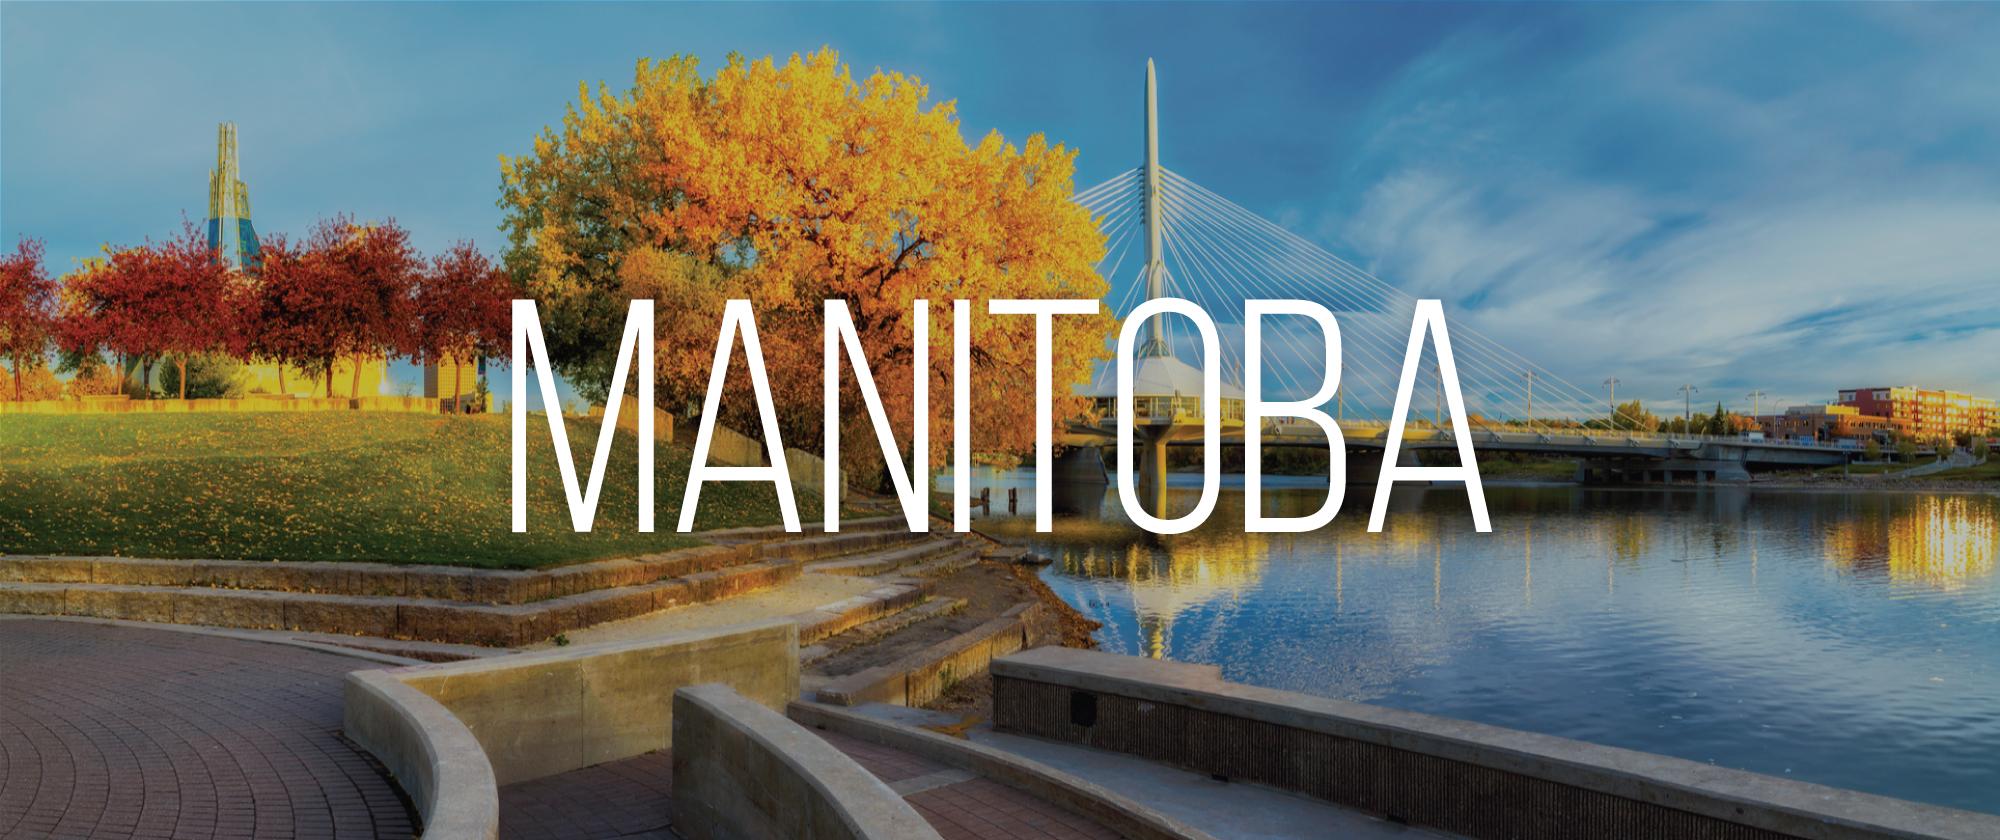 Manitoba-Header.jpg